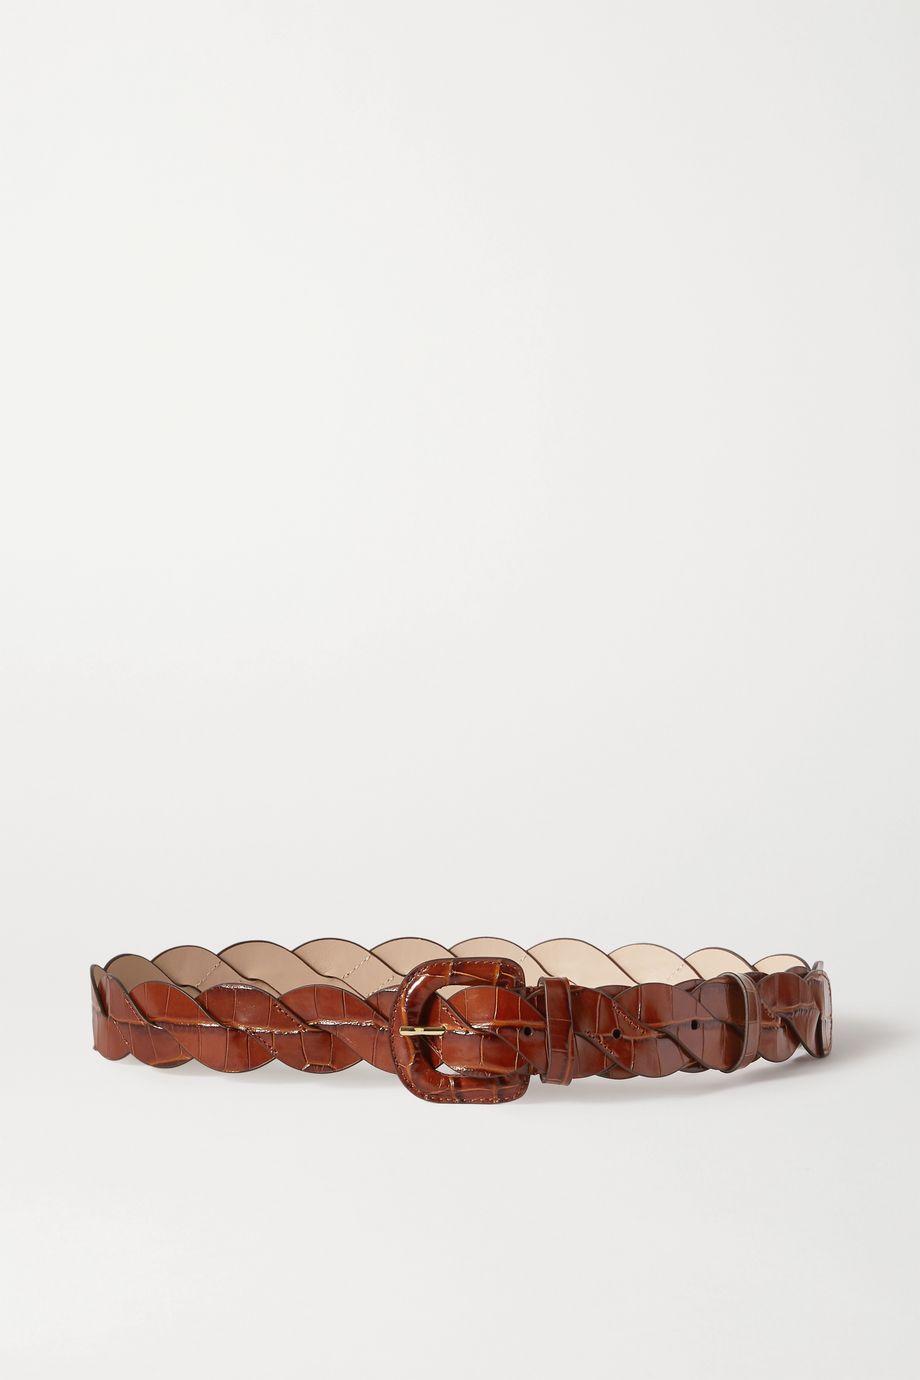 Loeffler Randall Deidre 编织仿鳄鱼纹皮革腰带